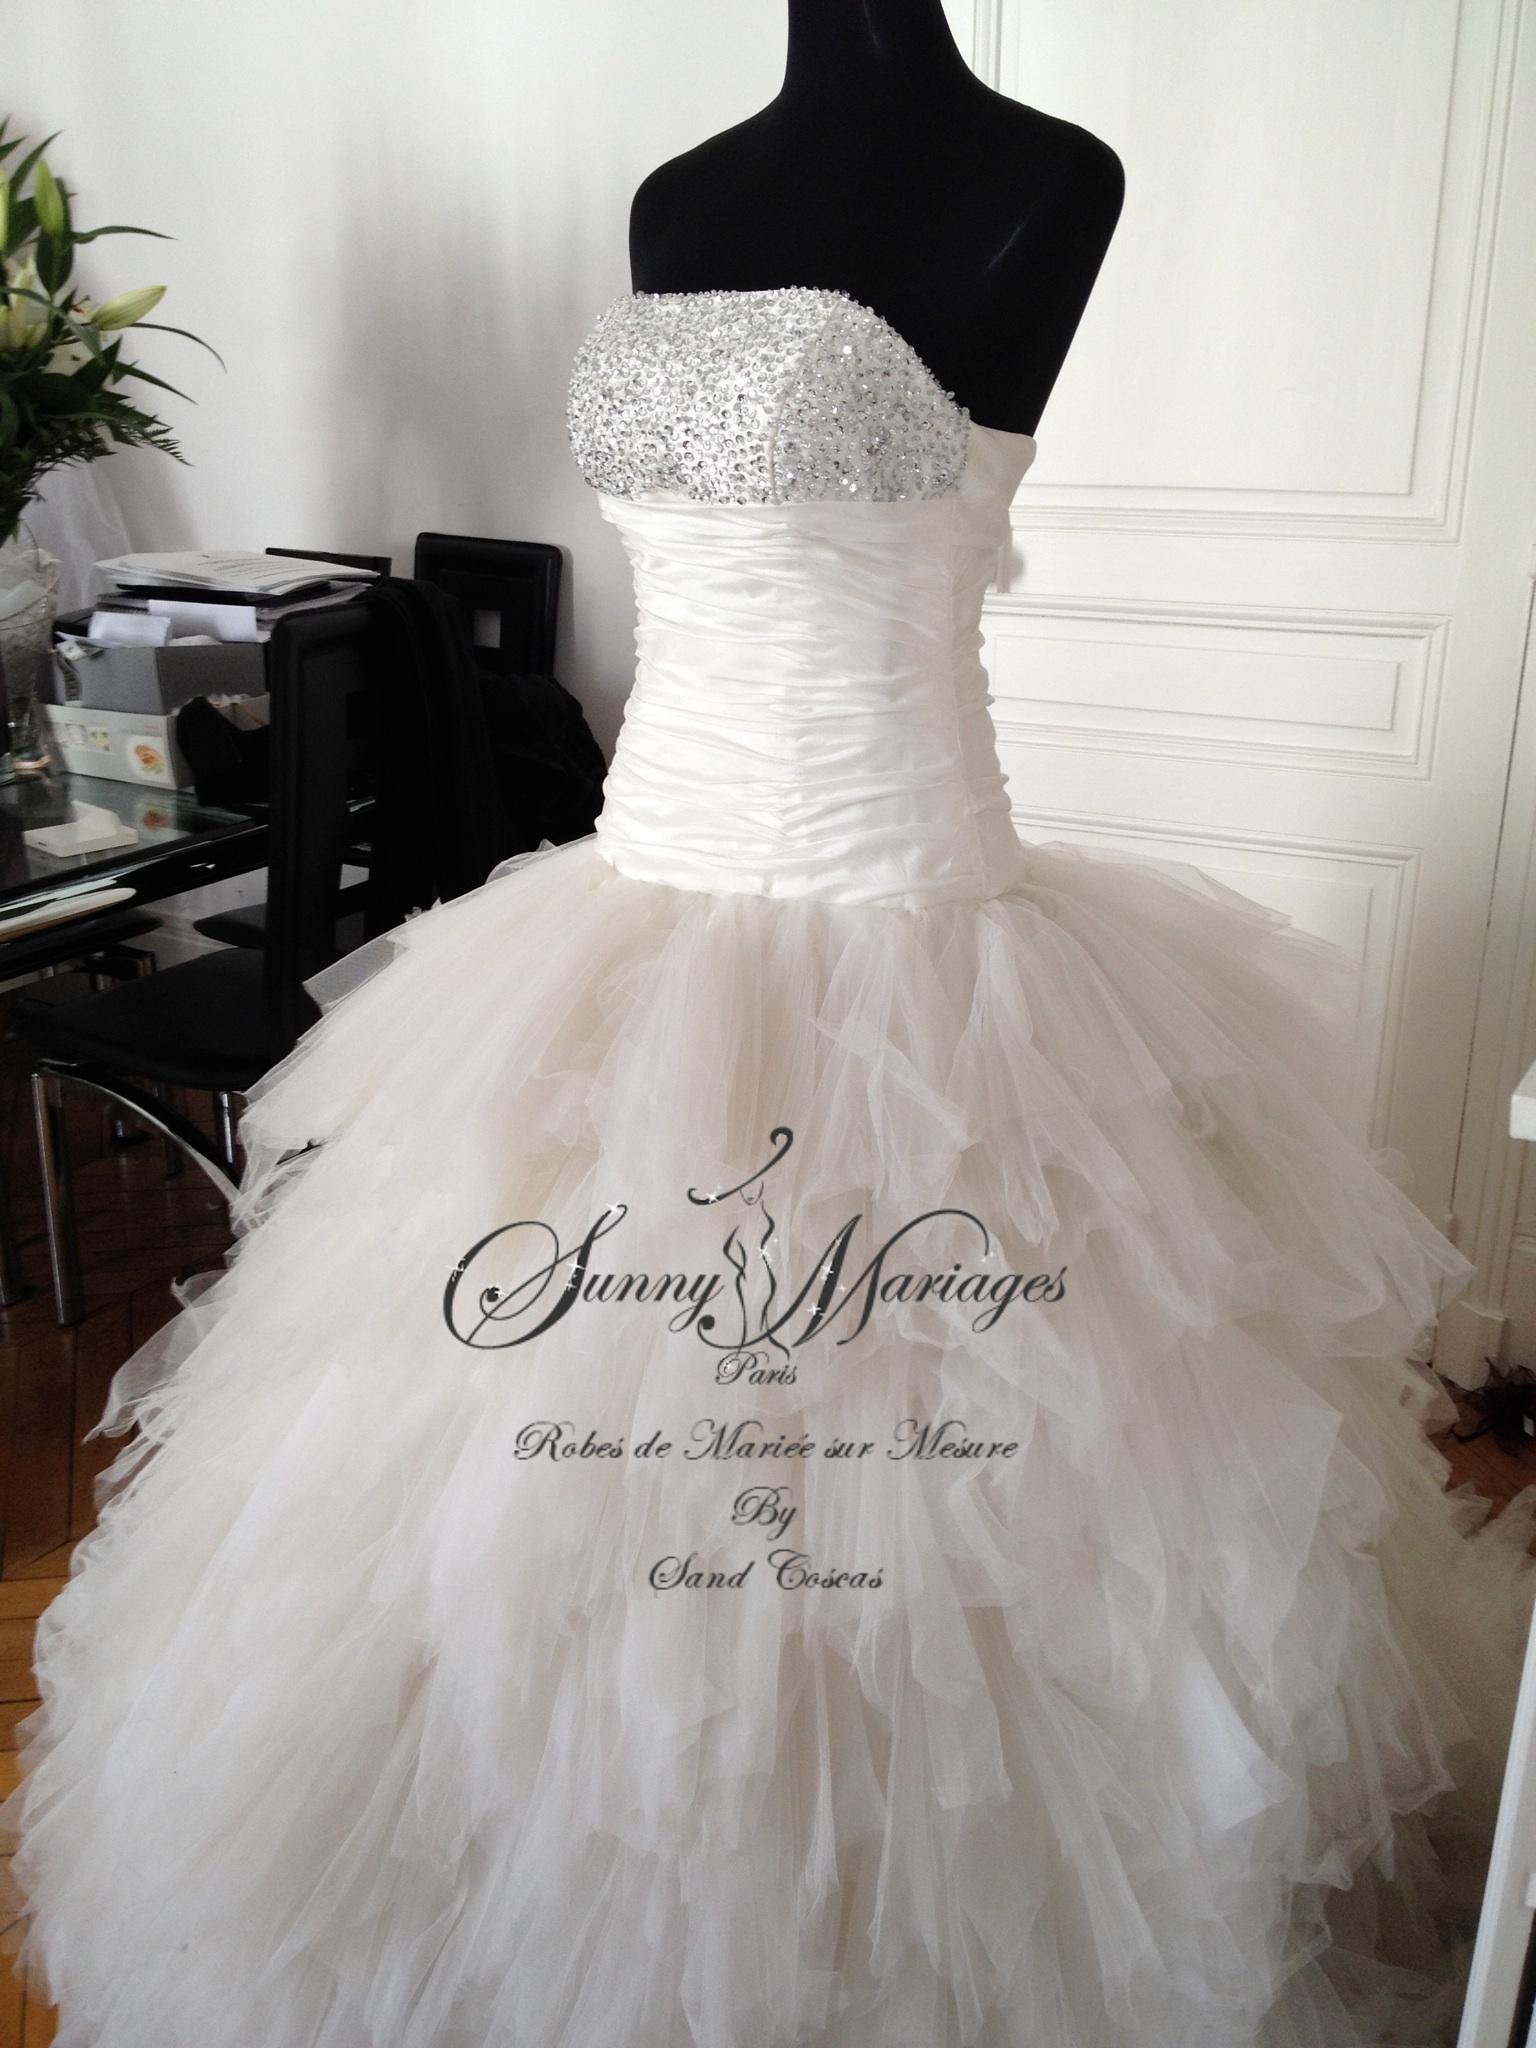 ici : Sunny Mariage » robe de mariée » Robe de mariée princesse ...